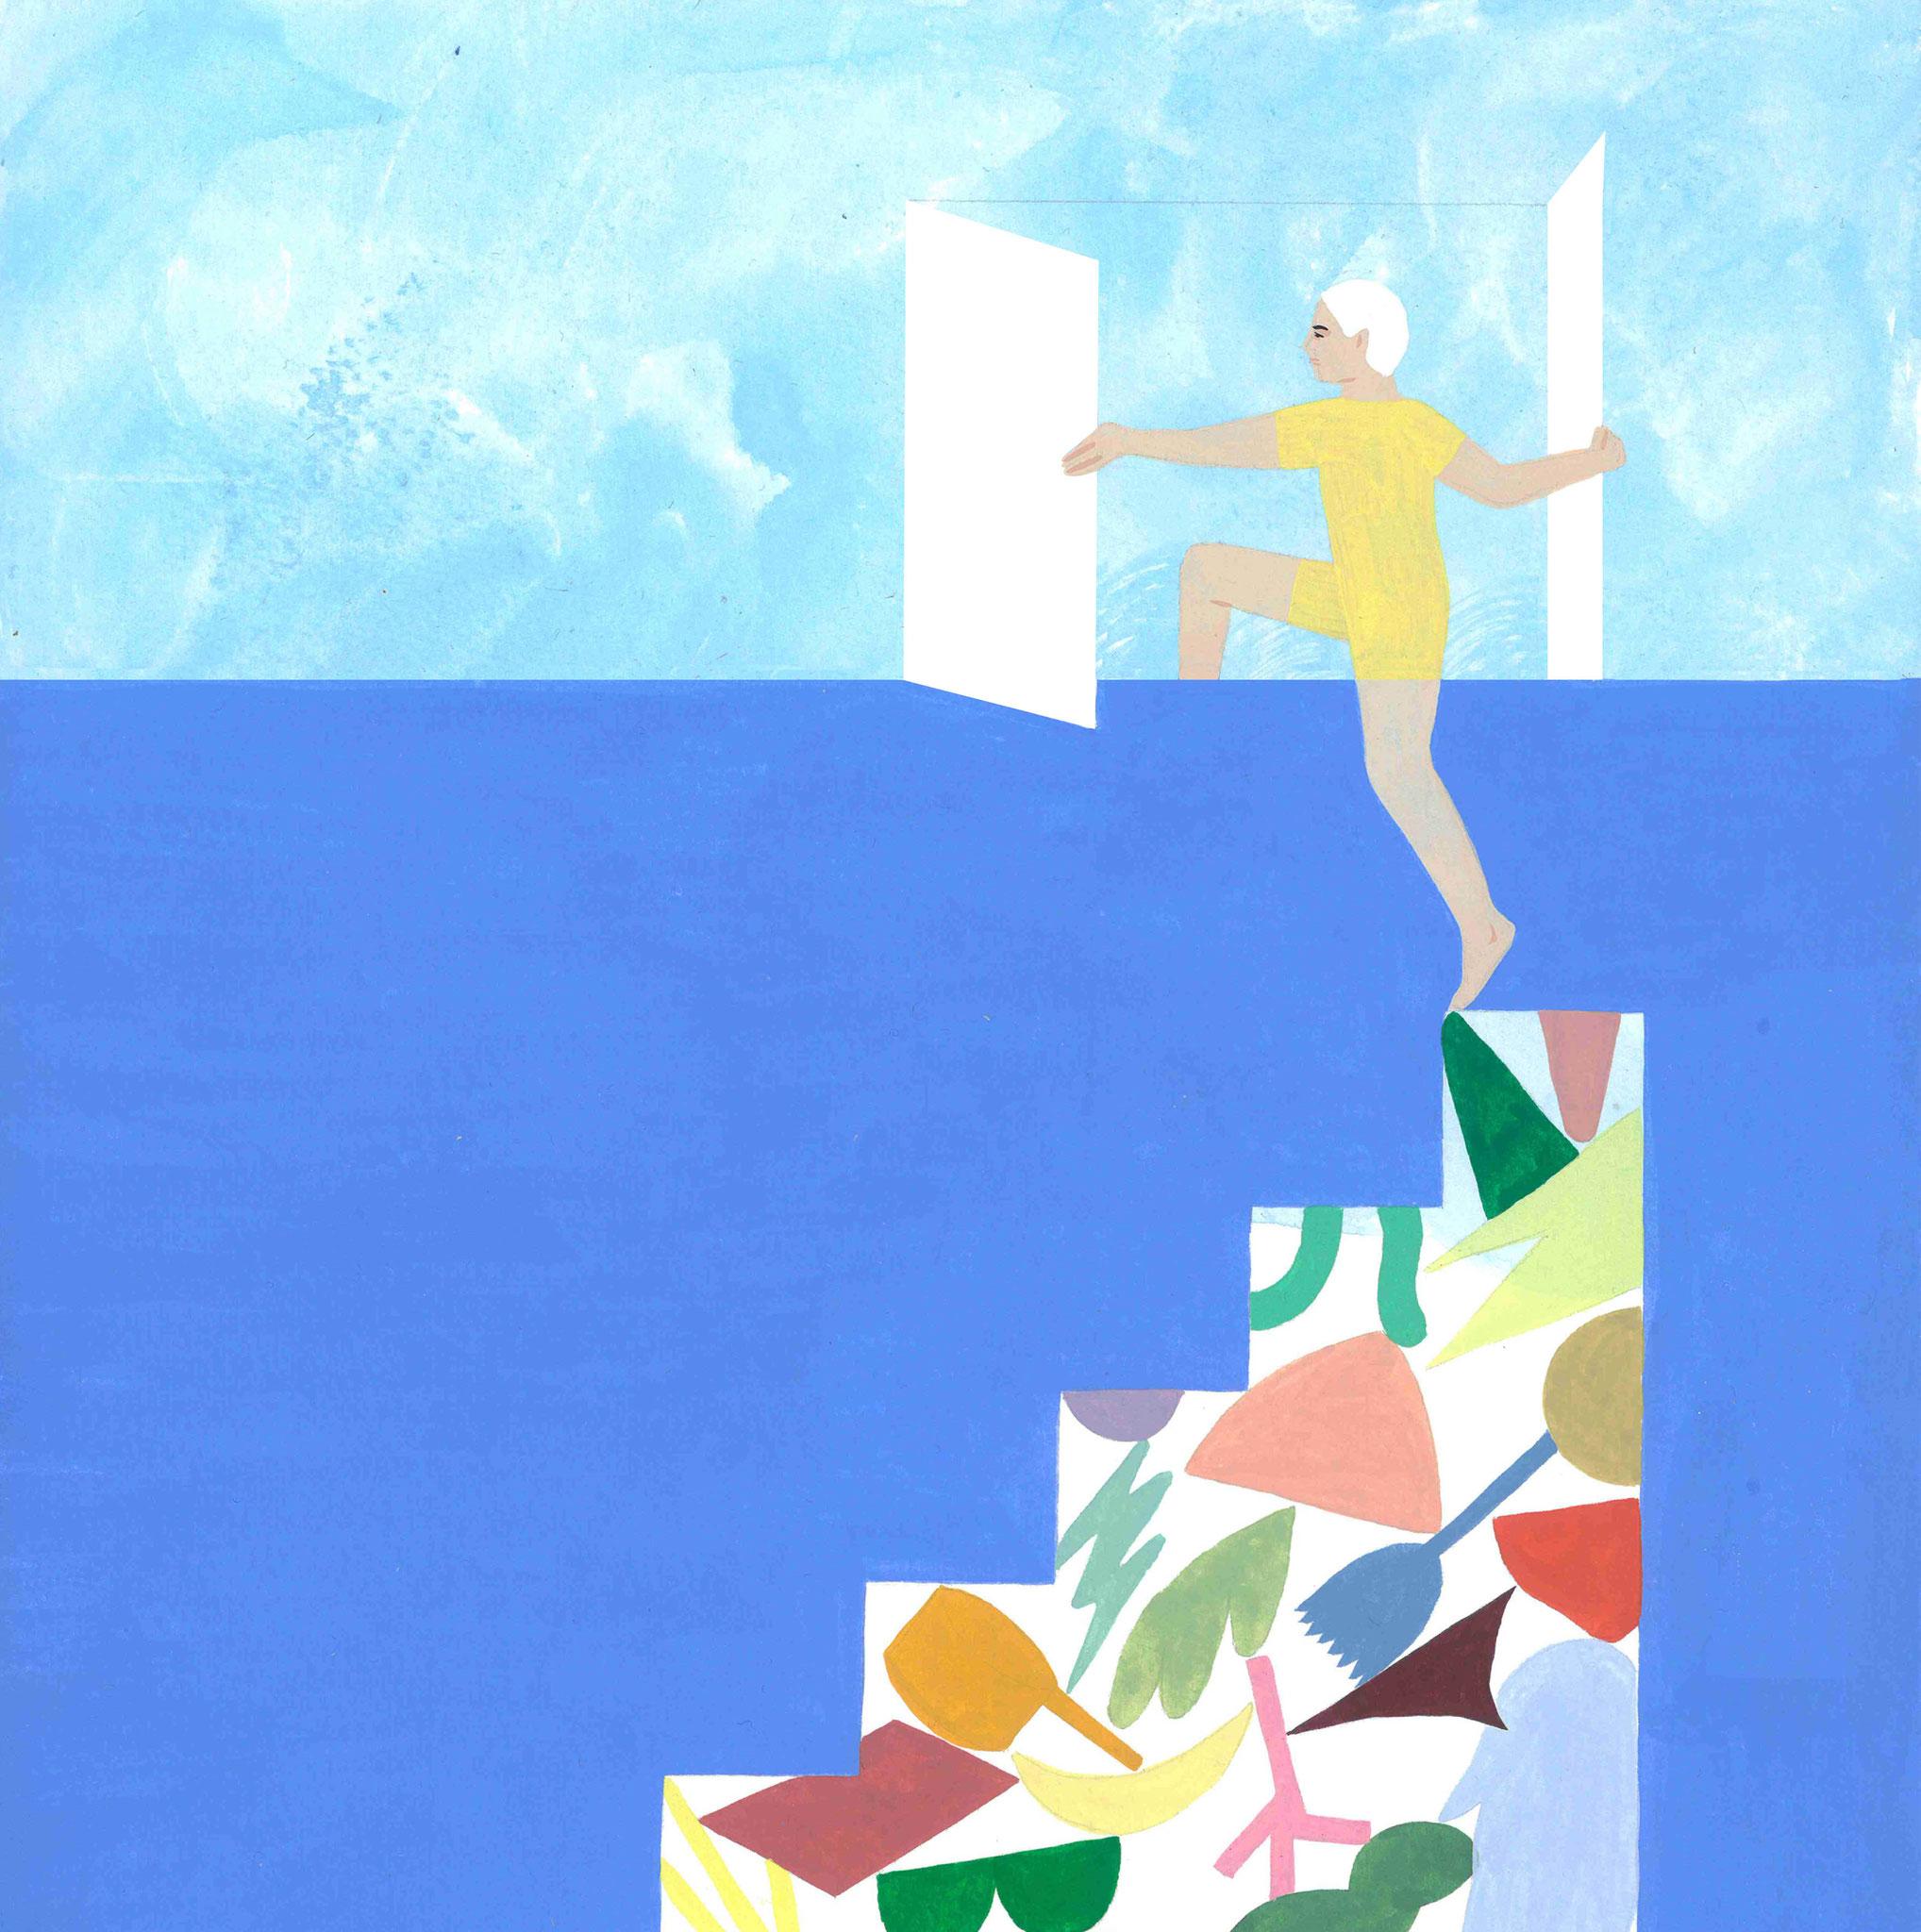 Mathilde Rives, série L'horizon de la ligne, 2020. Gouche sur papier, 21 x 29,7 cm (détail).